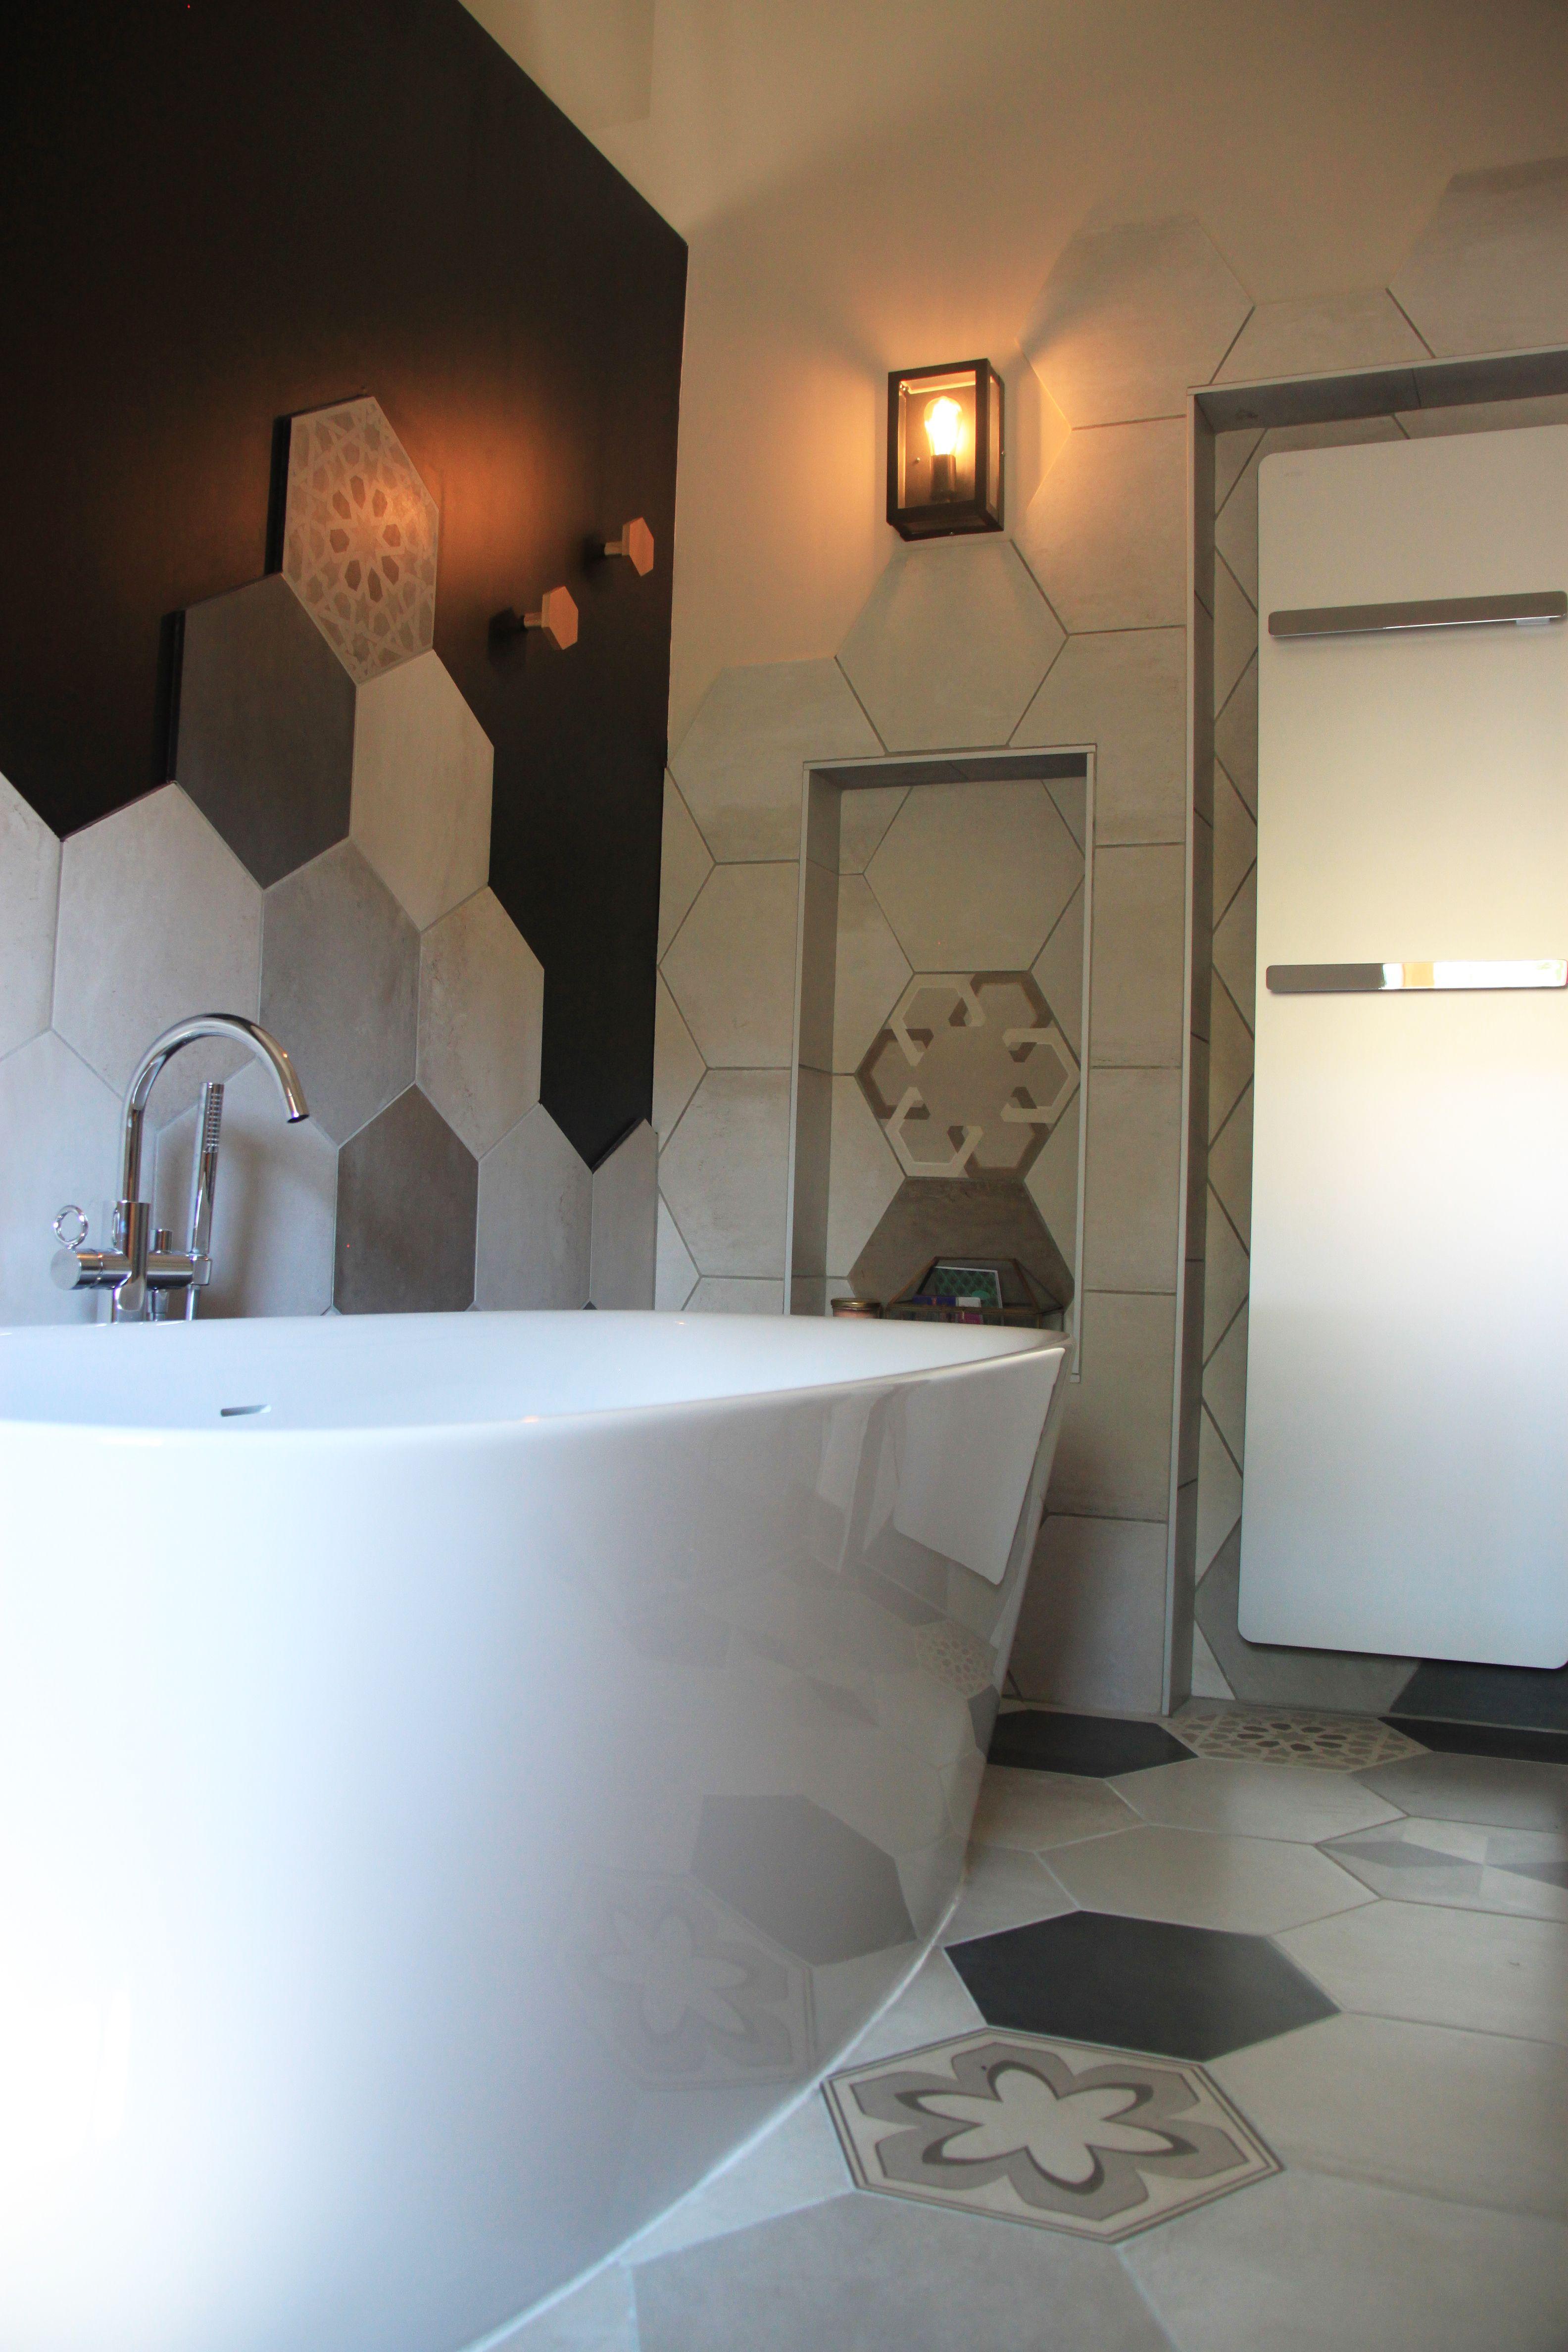 salle de bain avec grande baignoire ilot ct dun mur noir avec des vagues de carreaux ciment les niches servent inclure le sche serviettes et de la - Salle De Bain Avec Baignoire Ilot